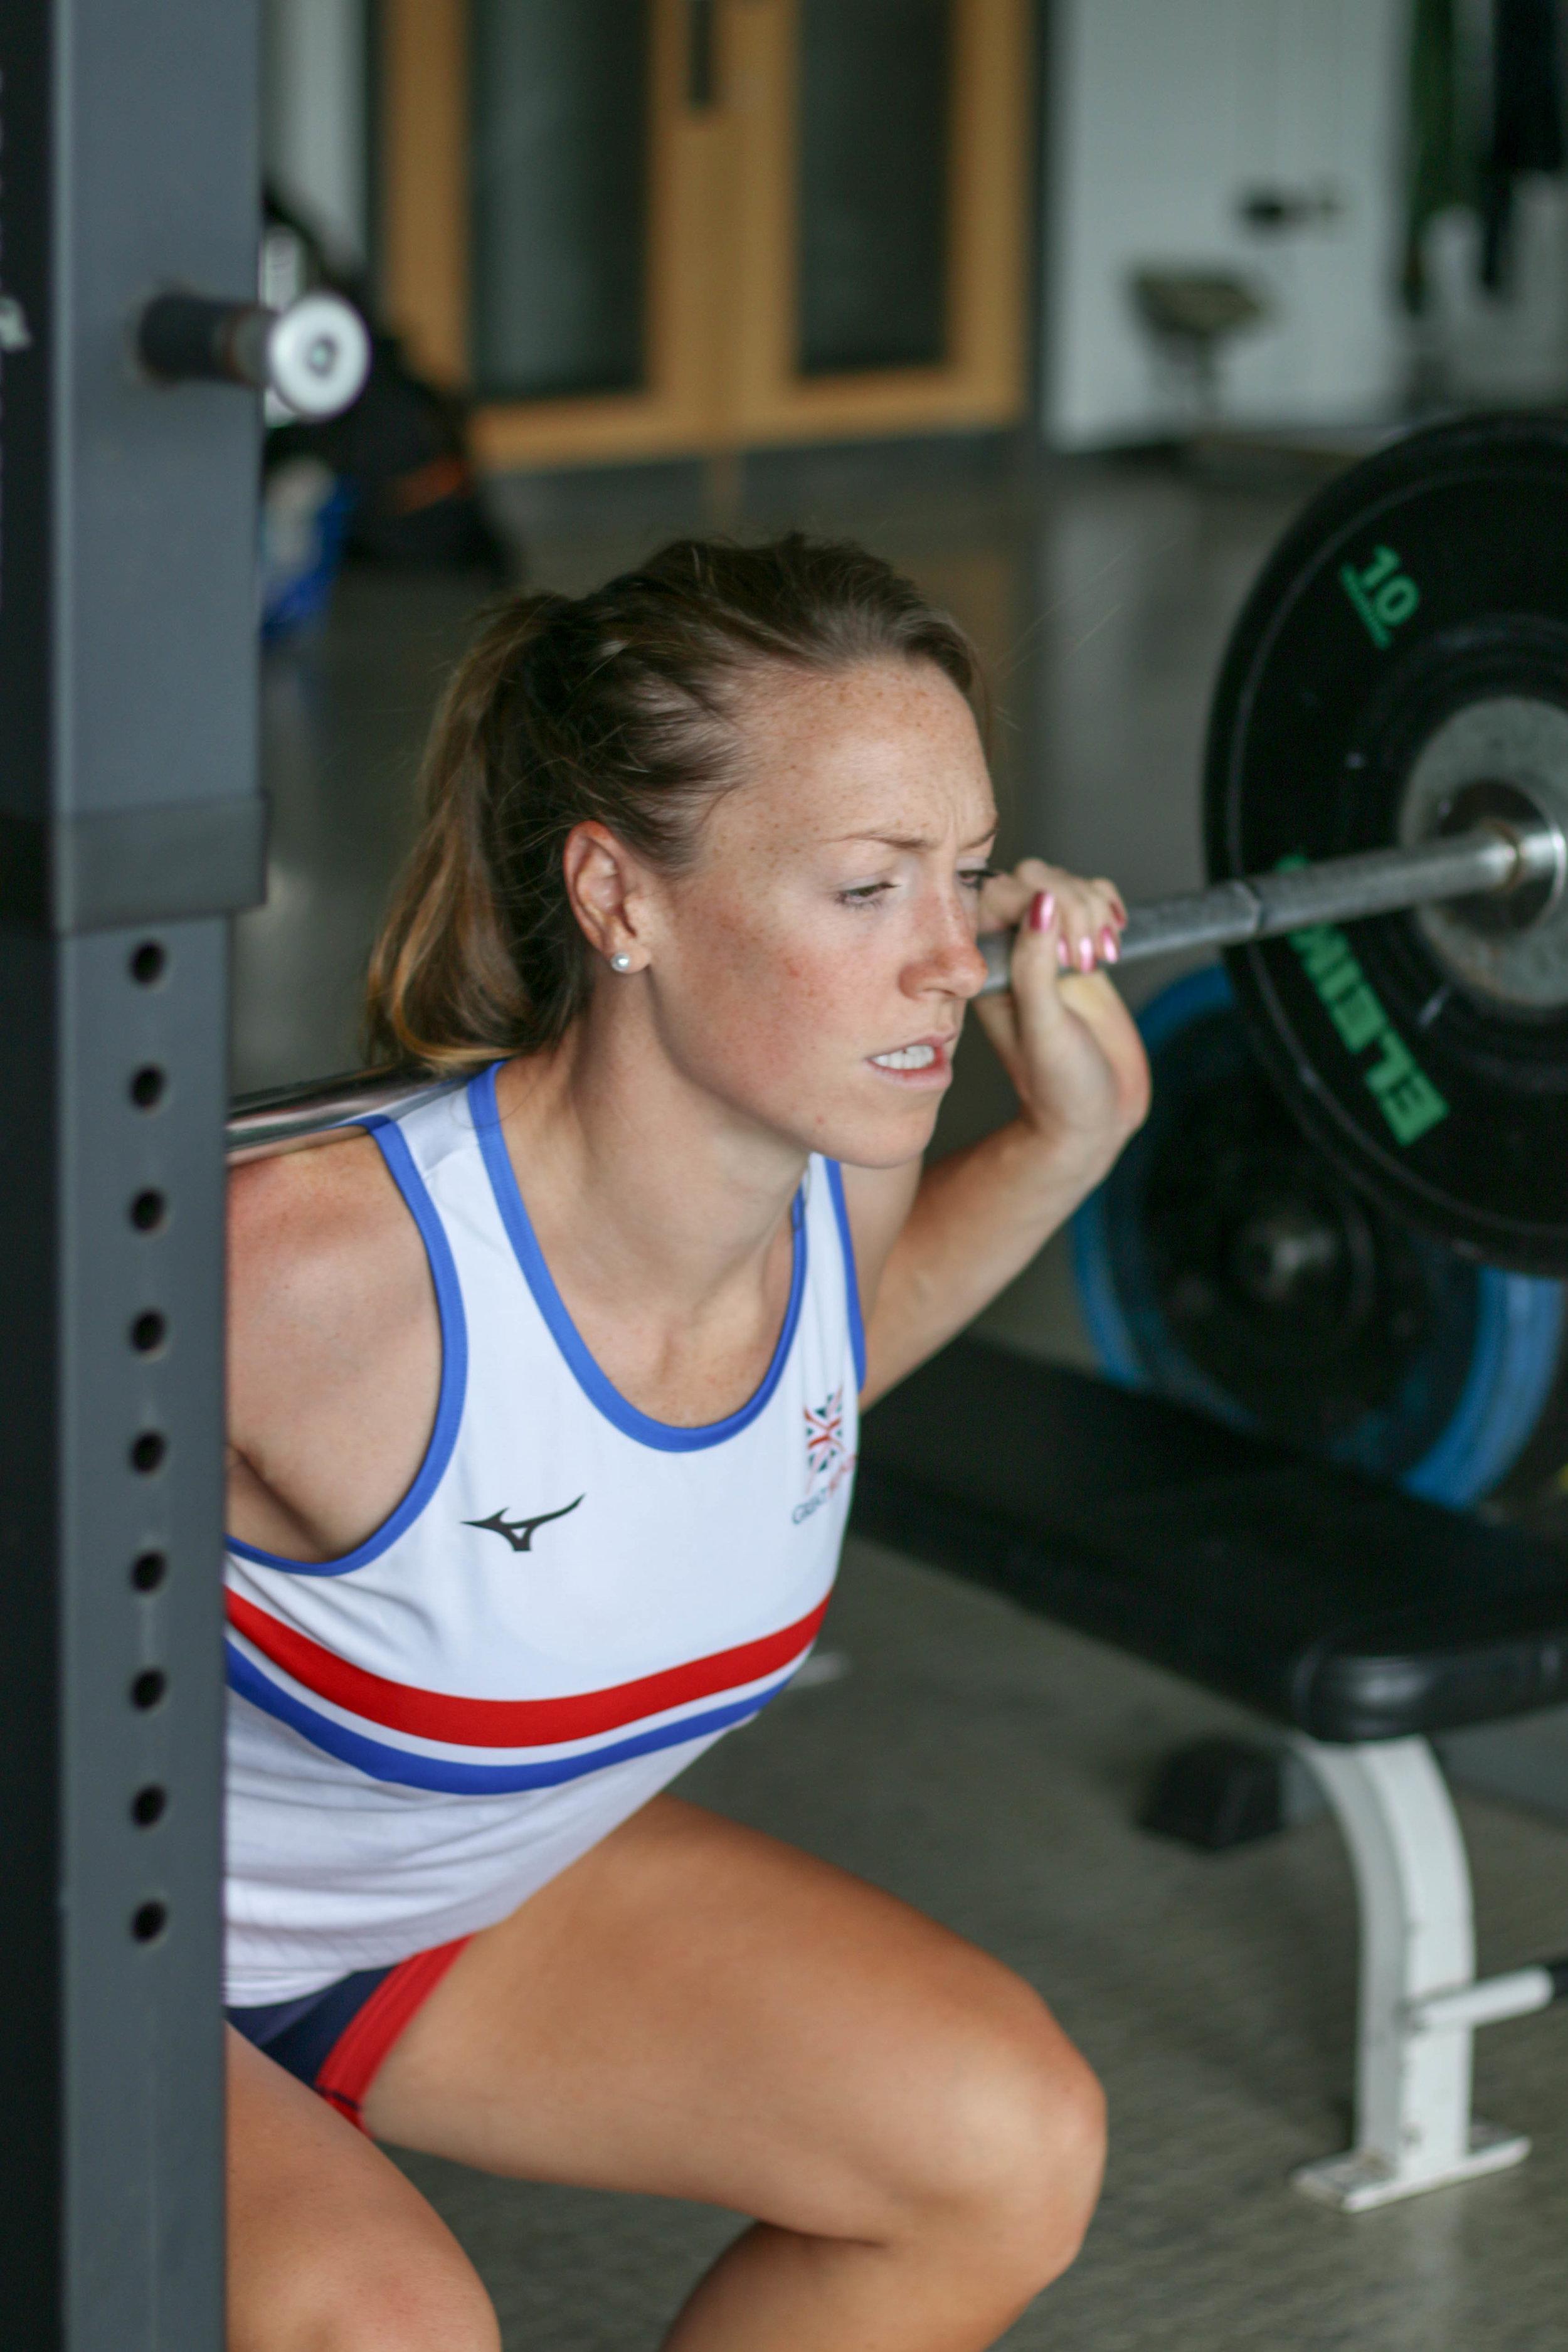 womens-sport-karen-bennett-rowing-athlete01.jpg